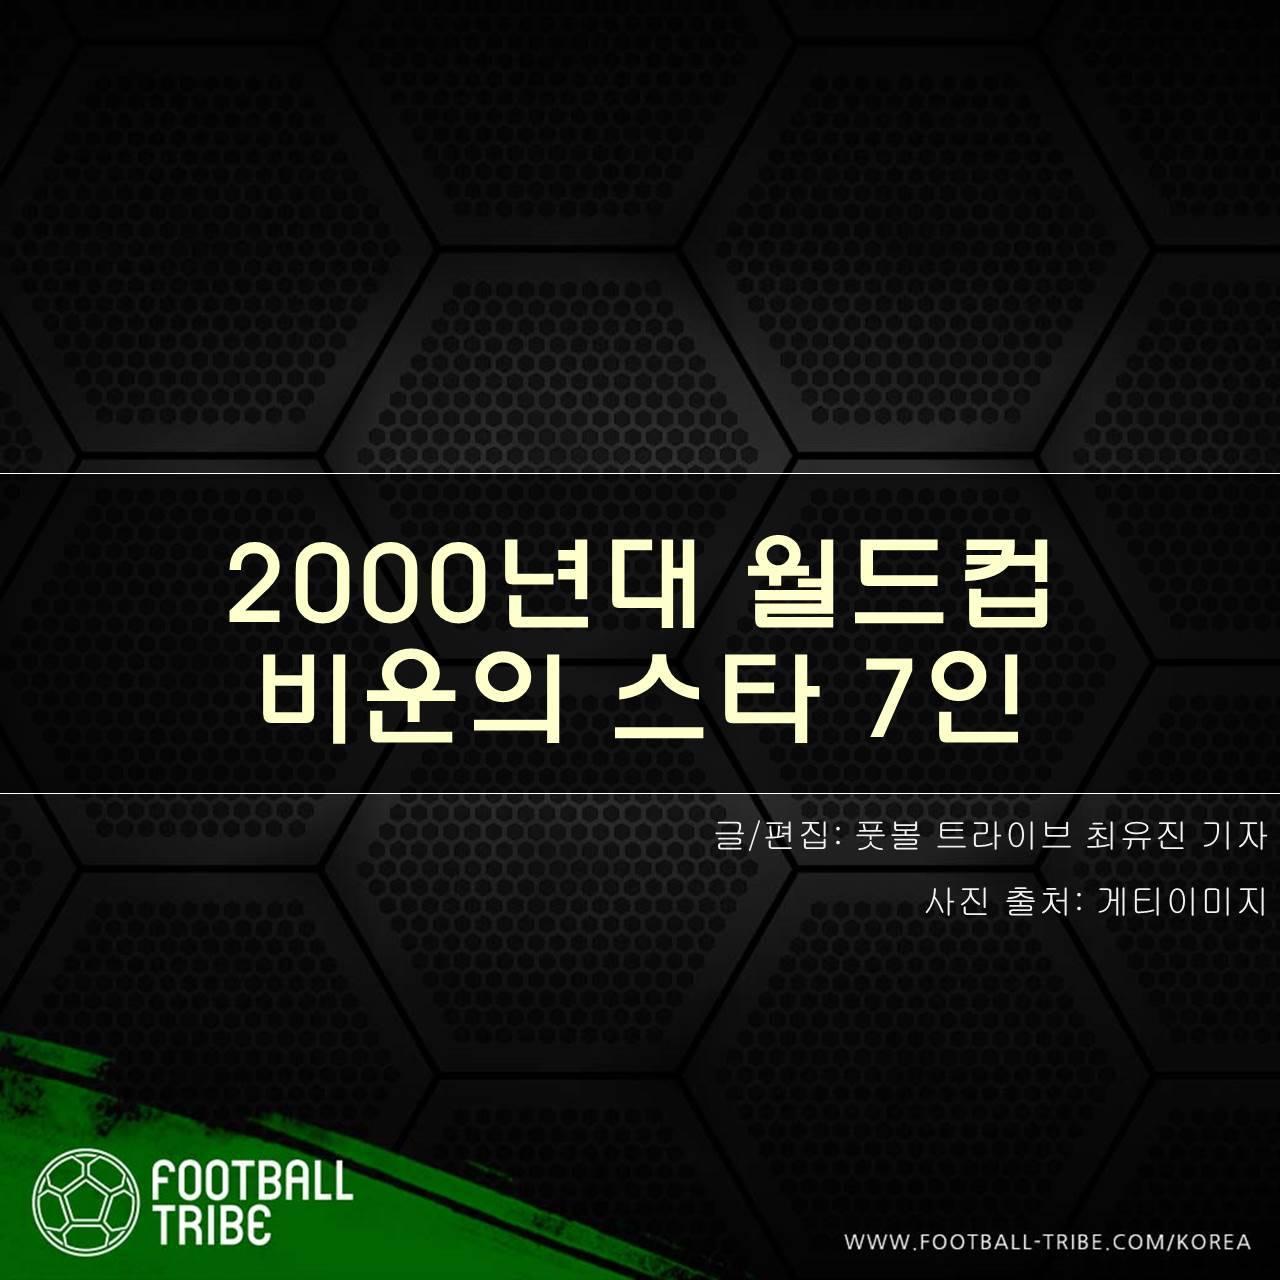 [카드 뉴스] 2000년대 월드컵 비운의 스타 7인